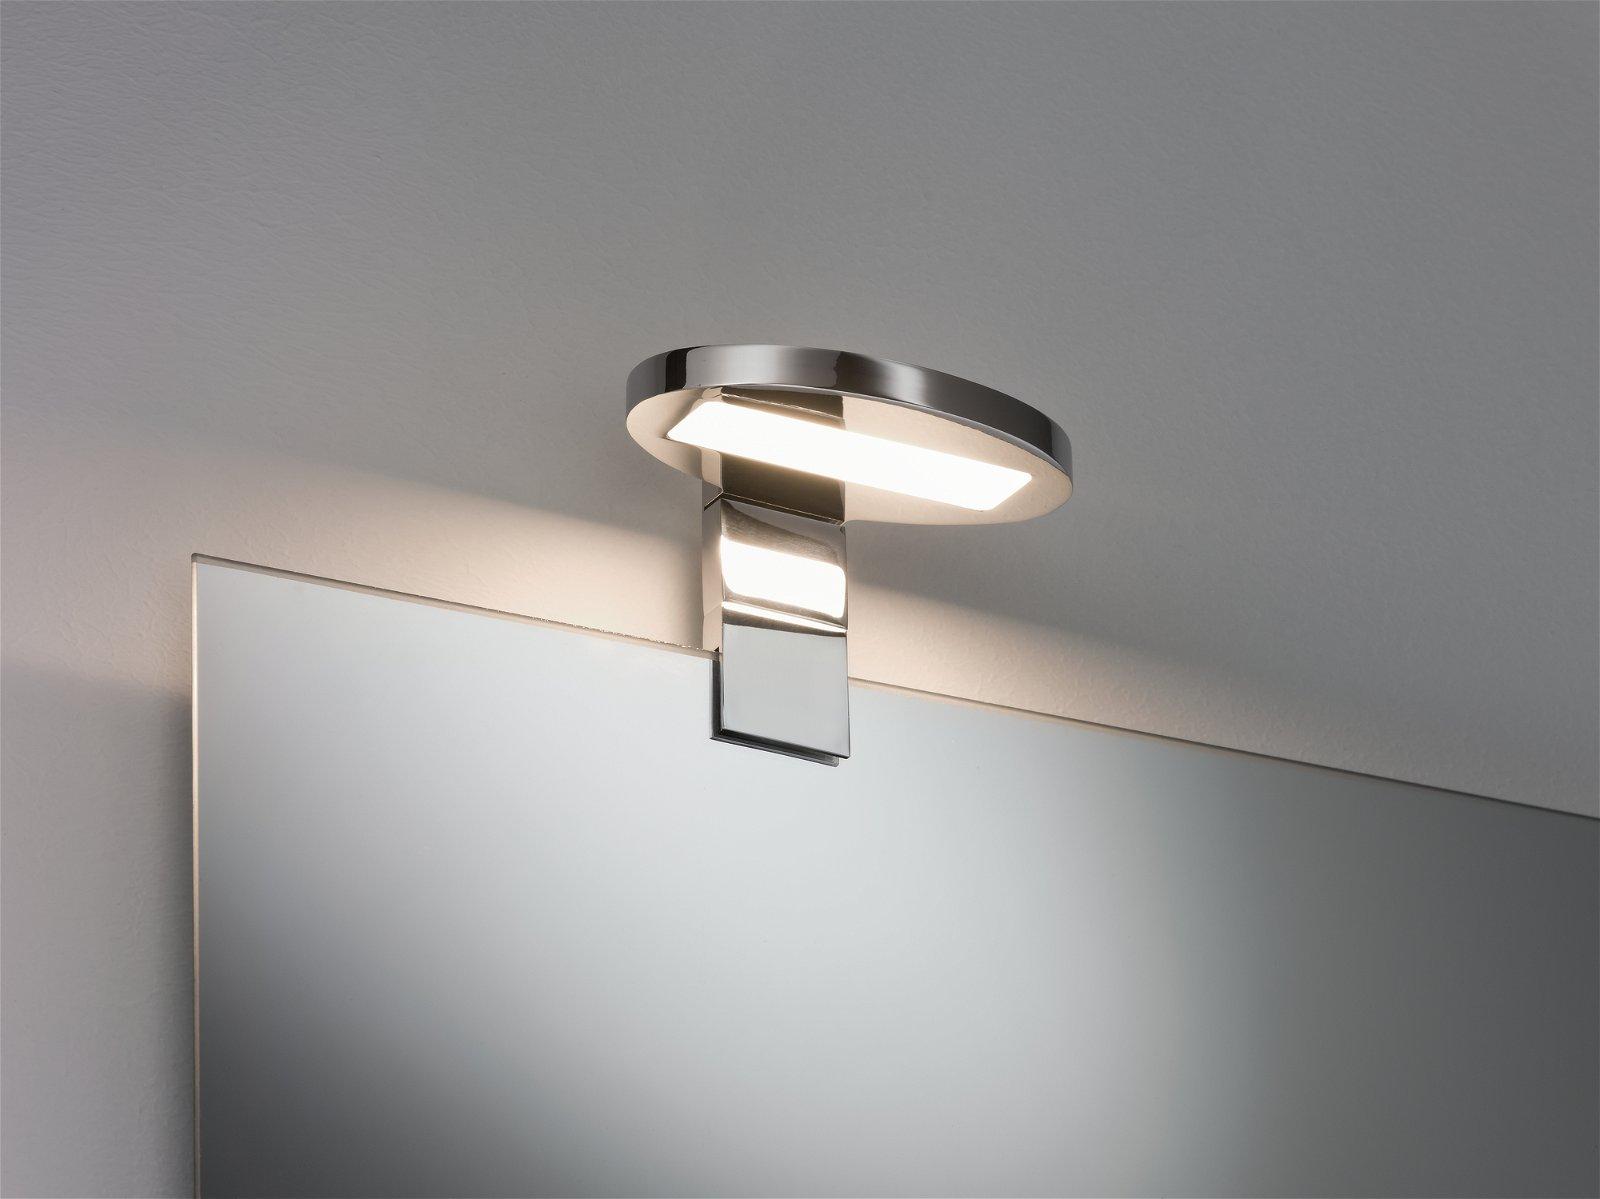 Galeria Spiegel- und Aufschrankleuchte LED Oval 3,2W Chrom